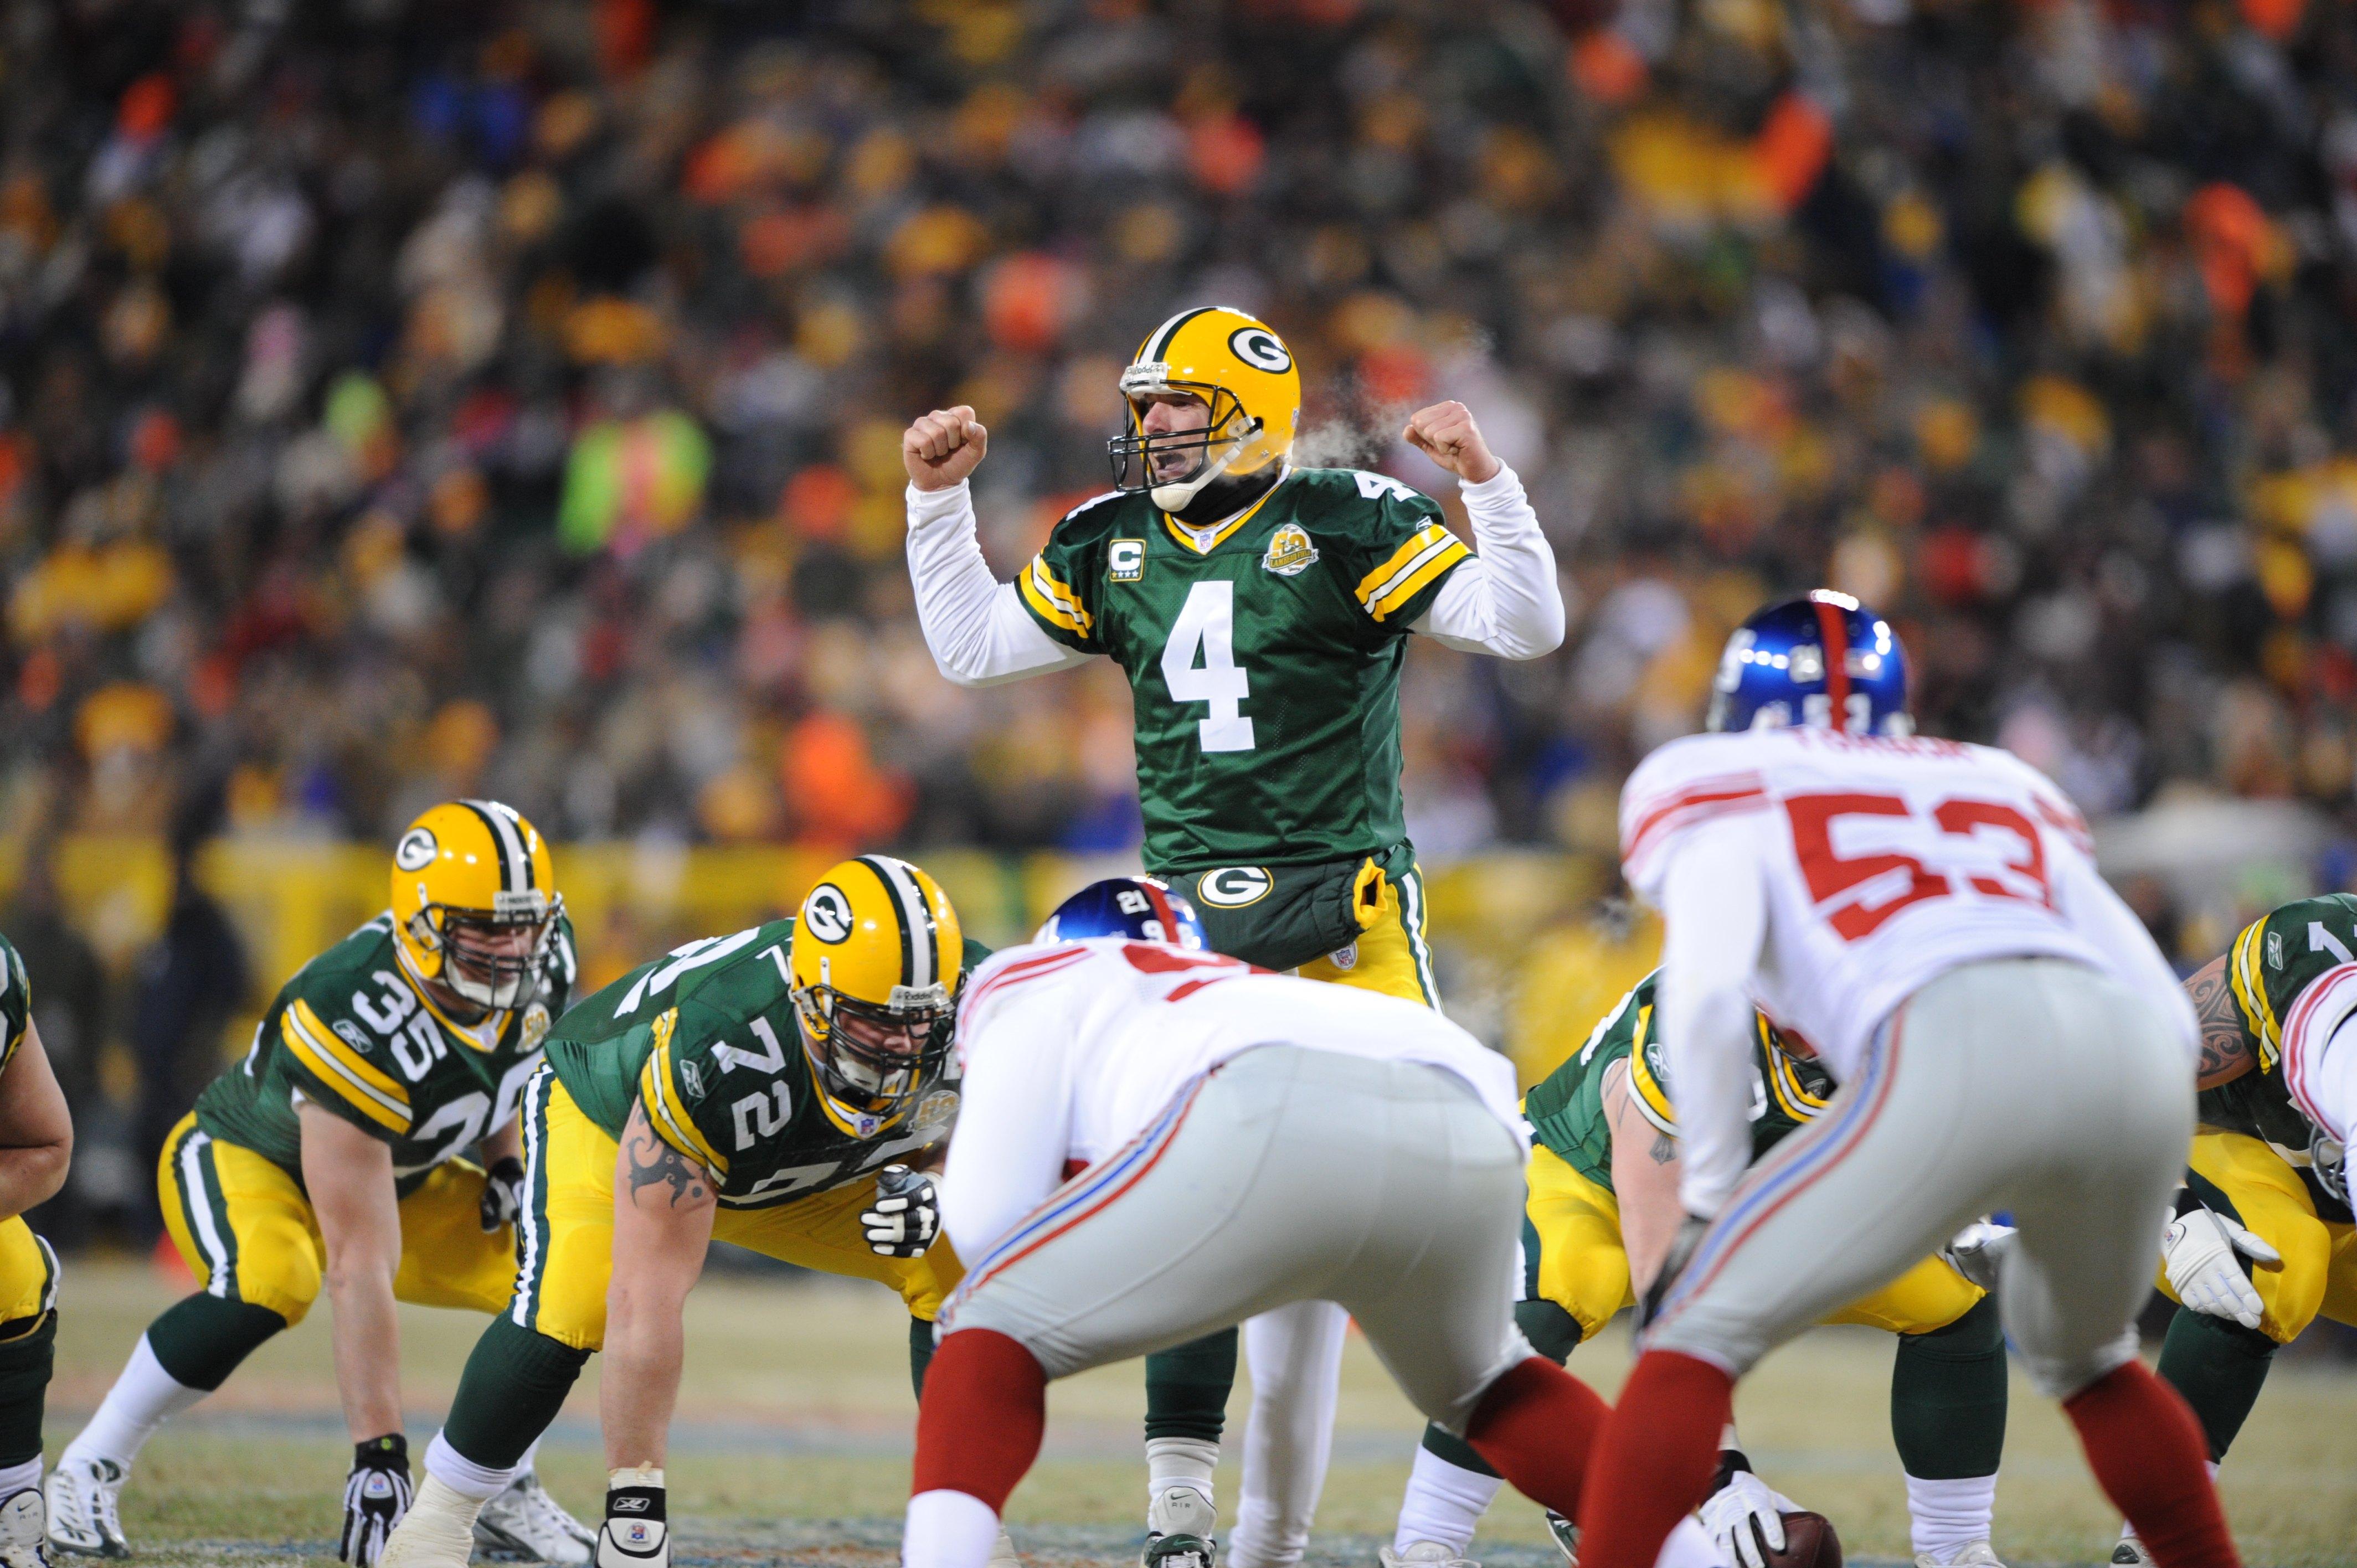 New York Giants vs Green Bay Packers